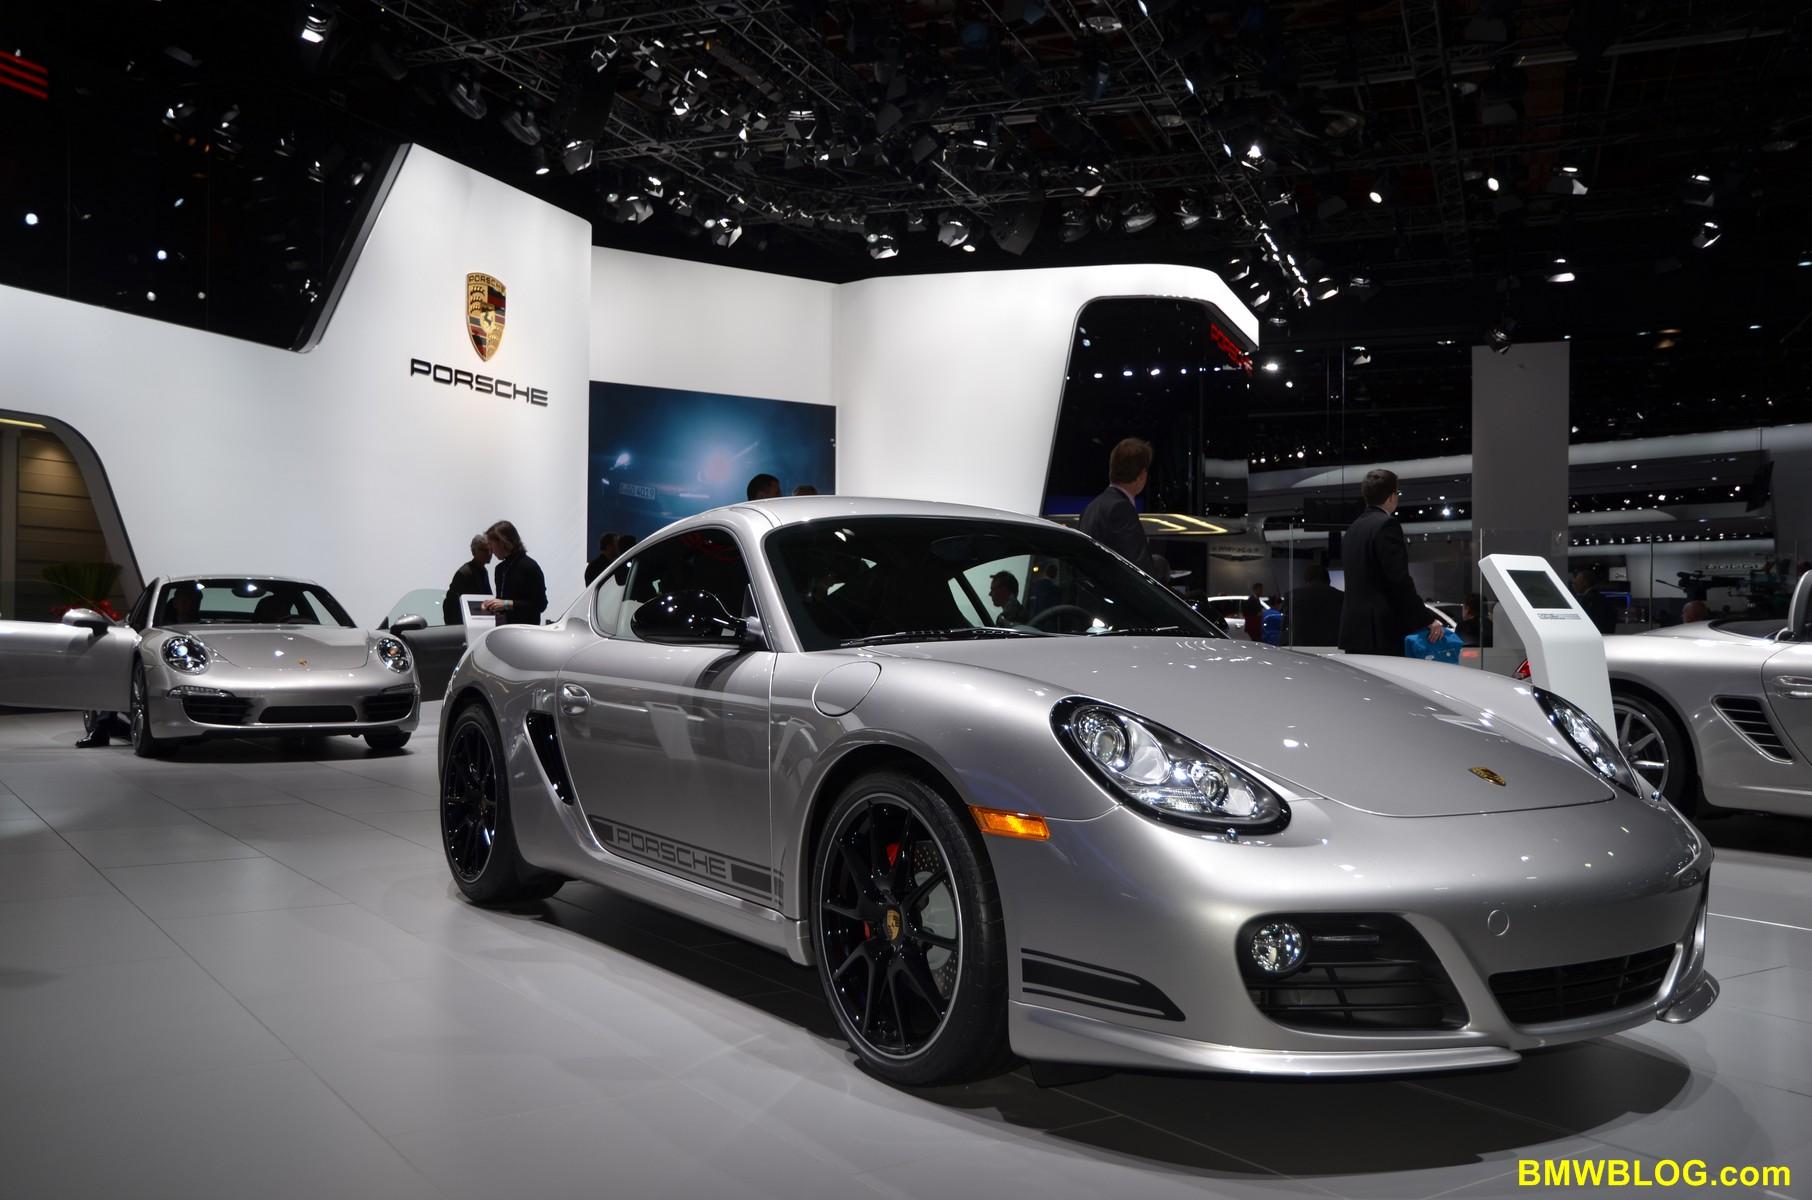 2012 Detroit Auto Show Porsche Unveils New 911 Cabriolet